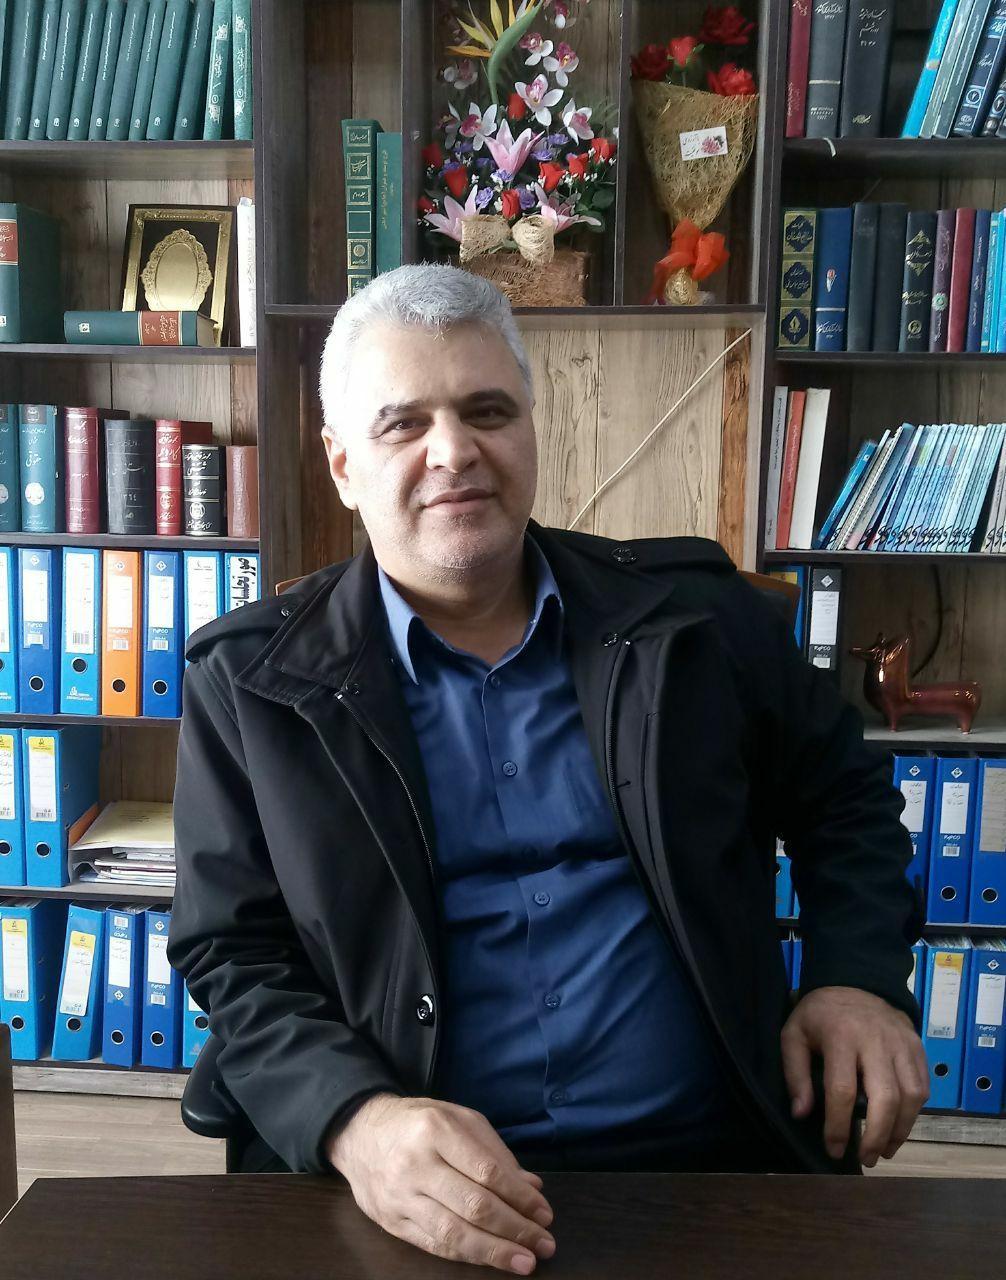 عملکردی کوتاه از بیست و هفتمین ماه تلاش عمرانی و خدماتی شهرداری املش